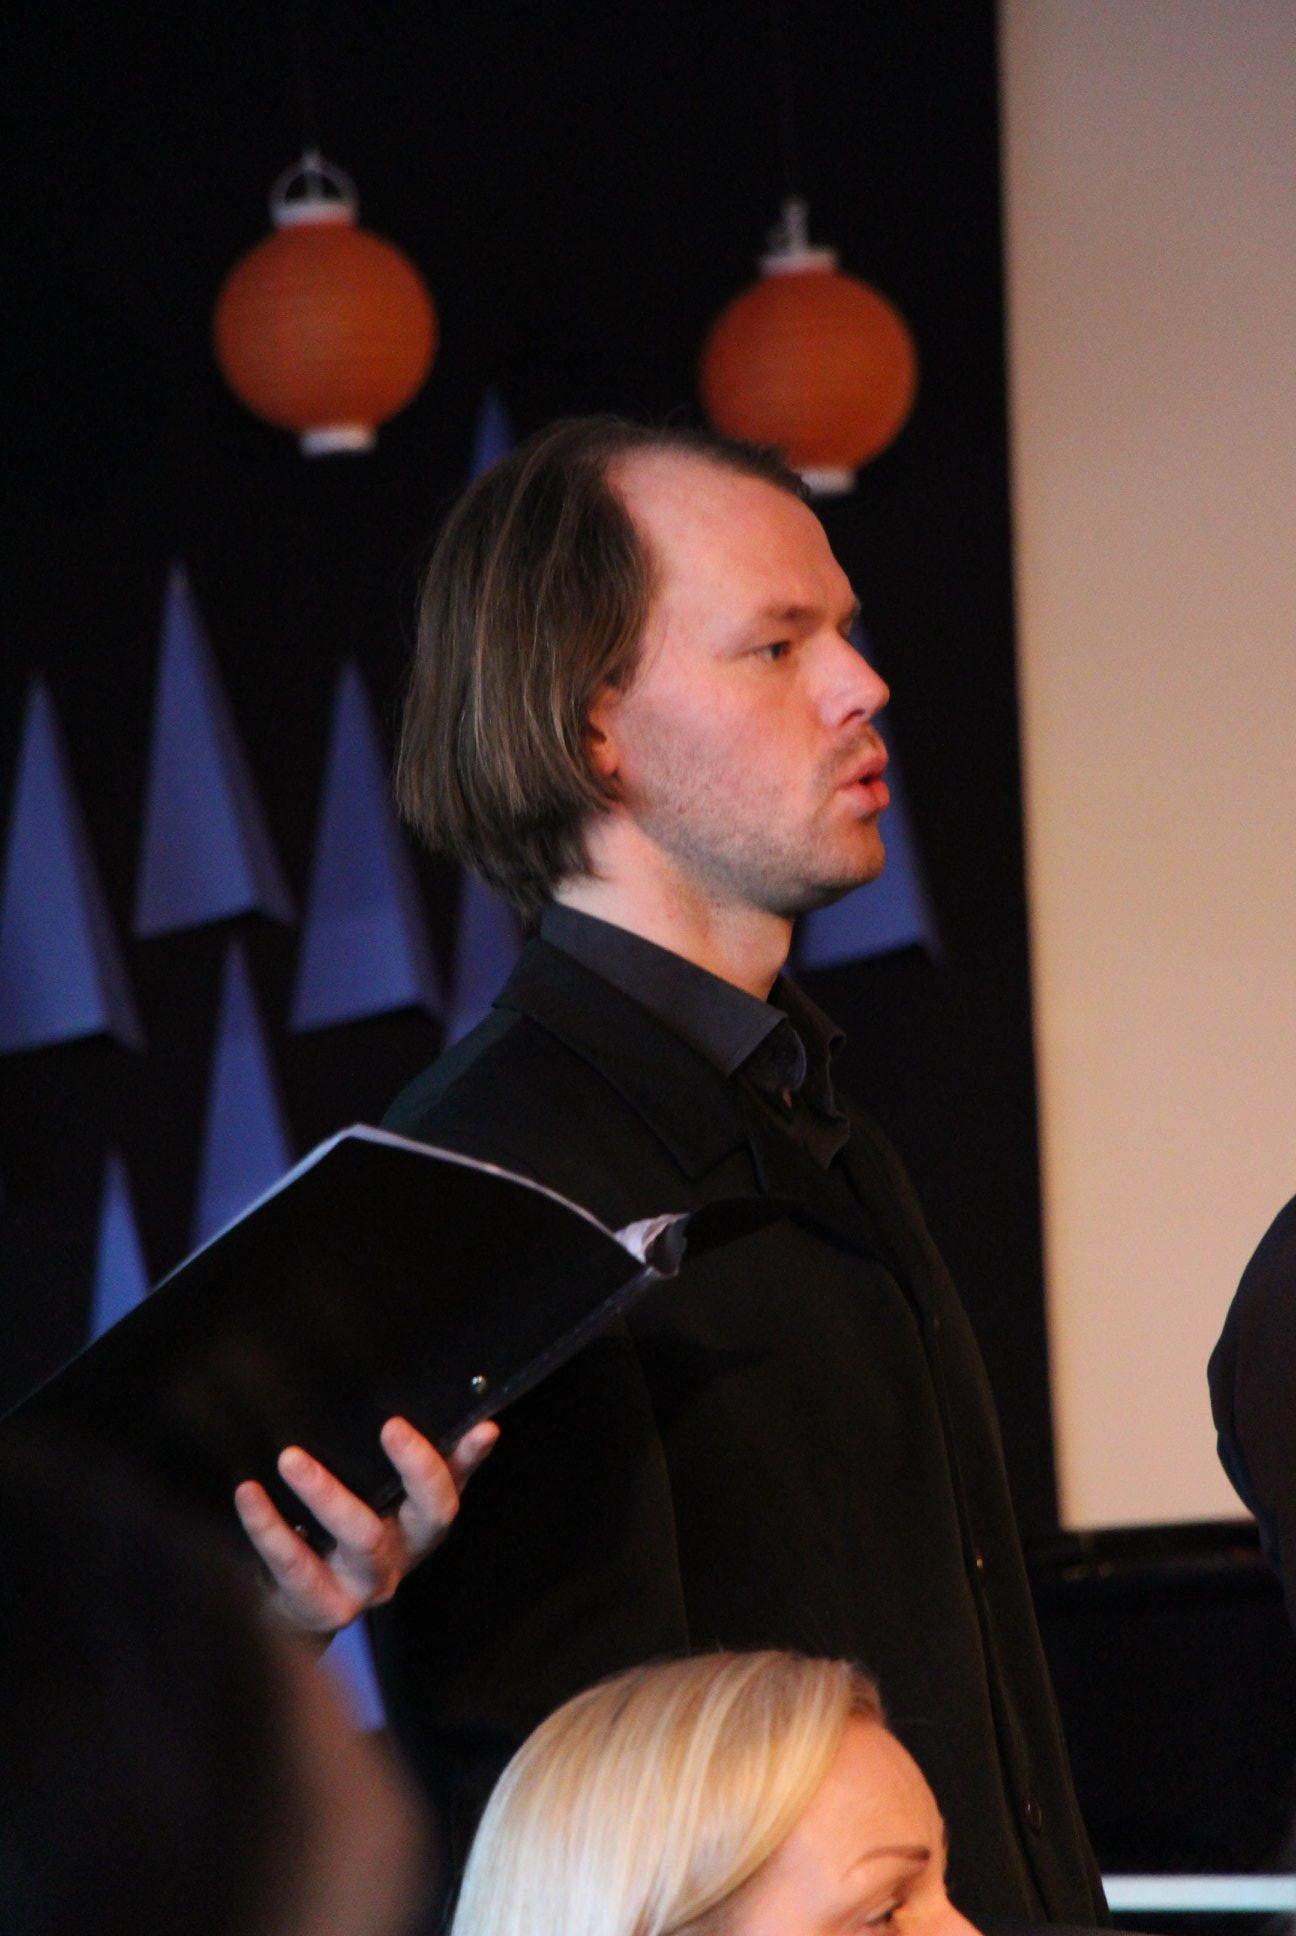 Pildi autor Tartu Kristjan Jaak Petersoni gümnaasium